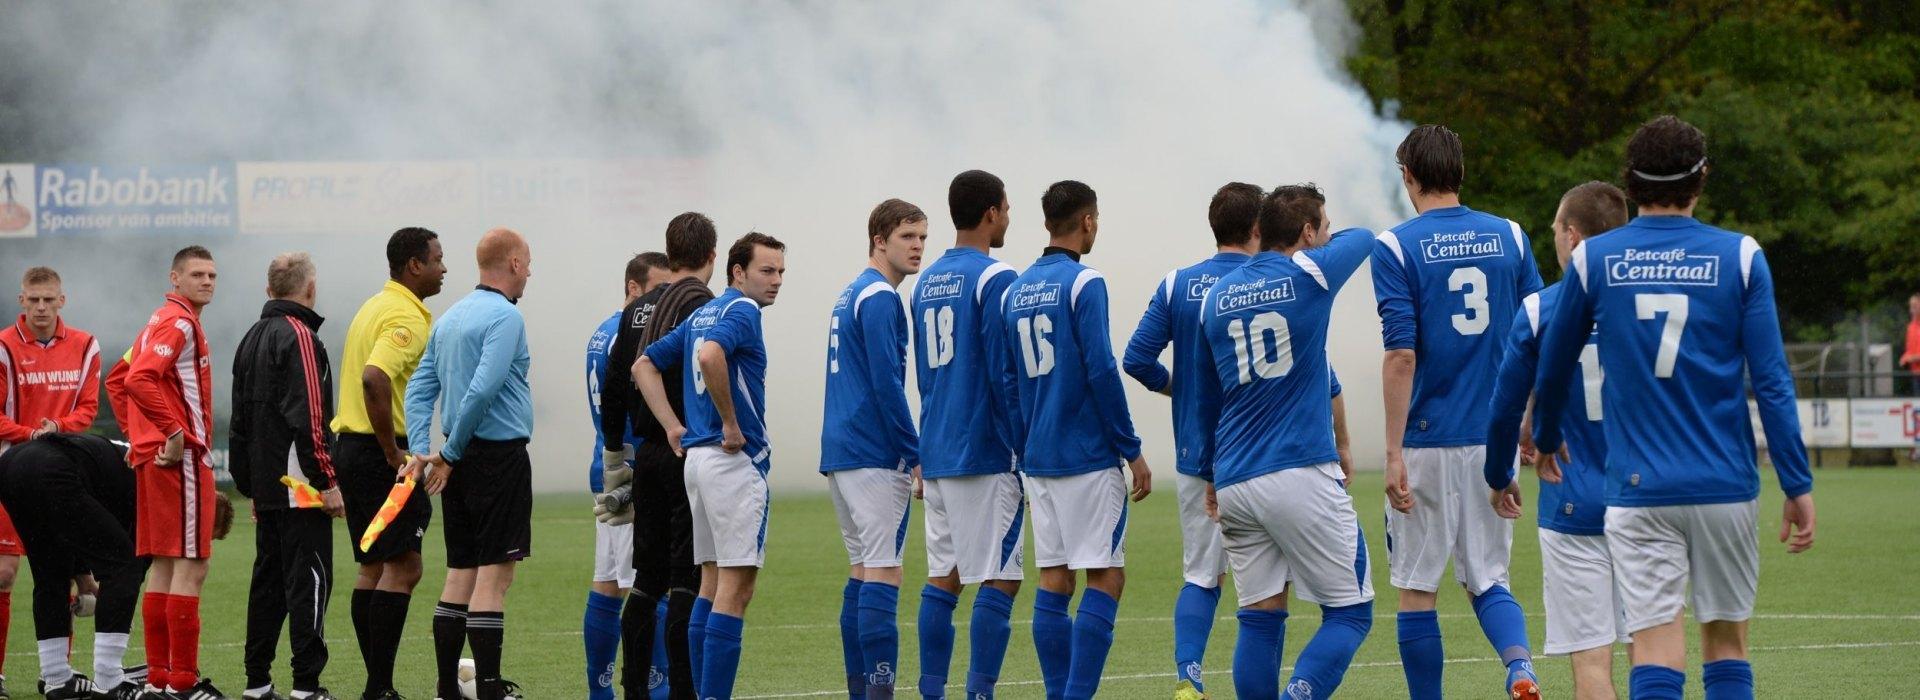 Seizoensopening tegen FC Weesp